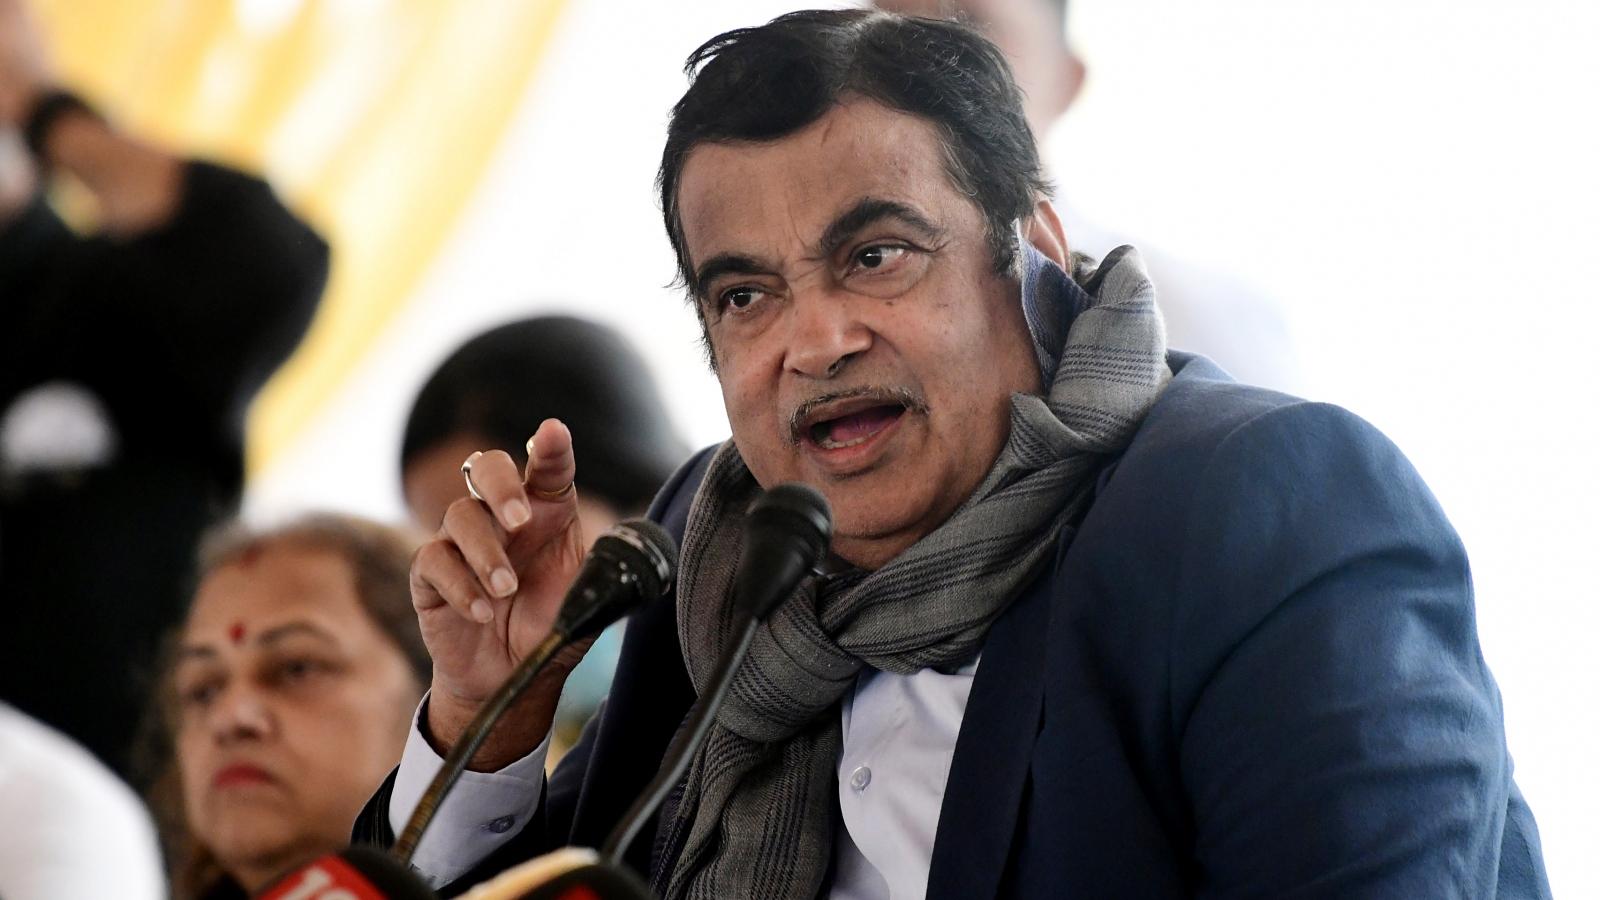 Ấn Độ cân nhắc sửa luật để sử dụng âm nhạc thay cho còi xe